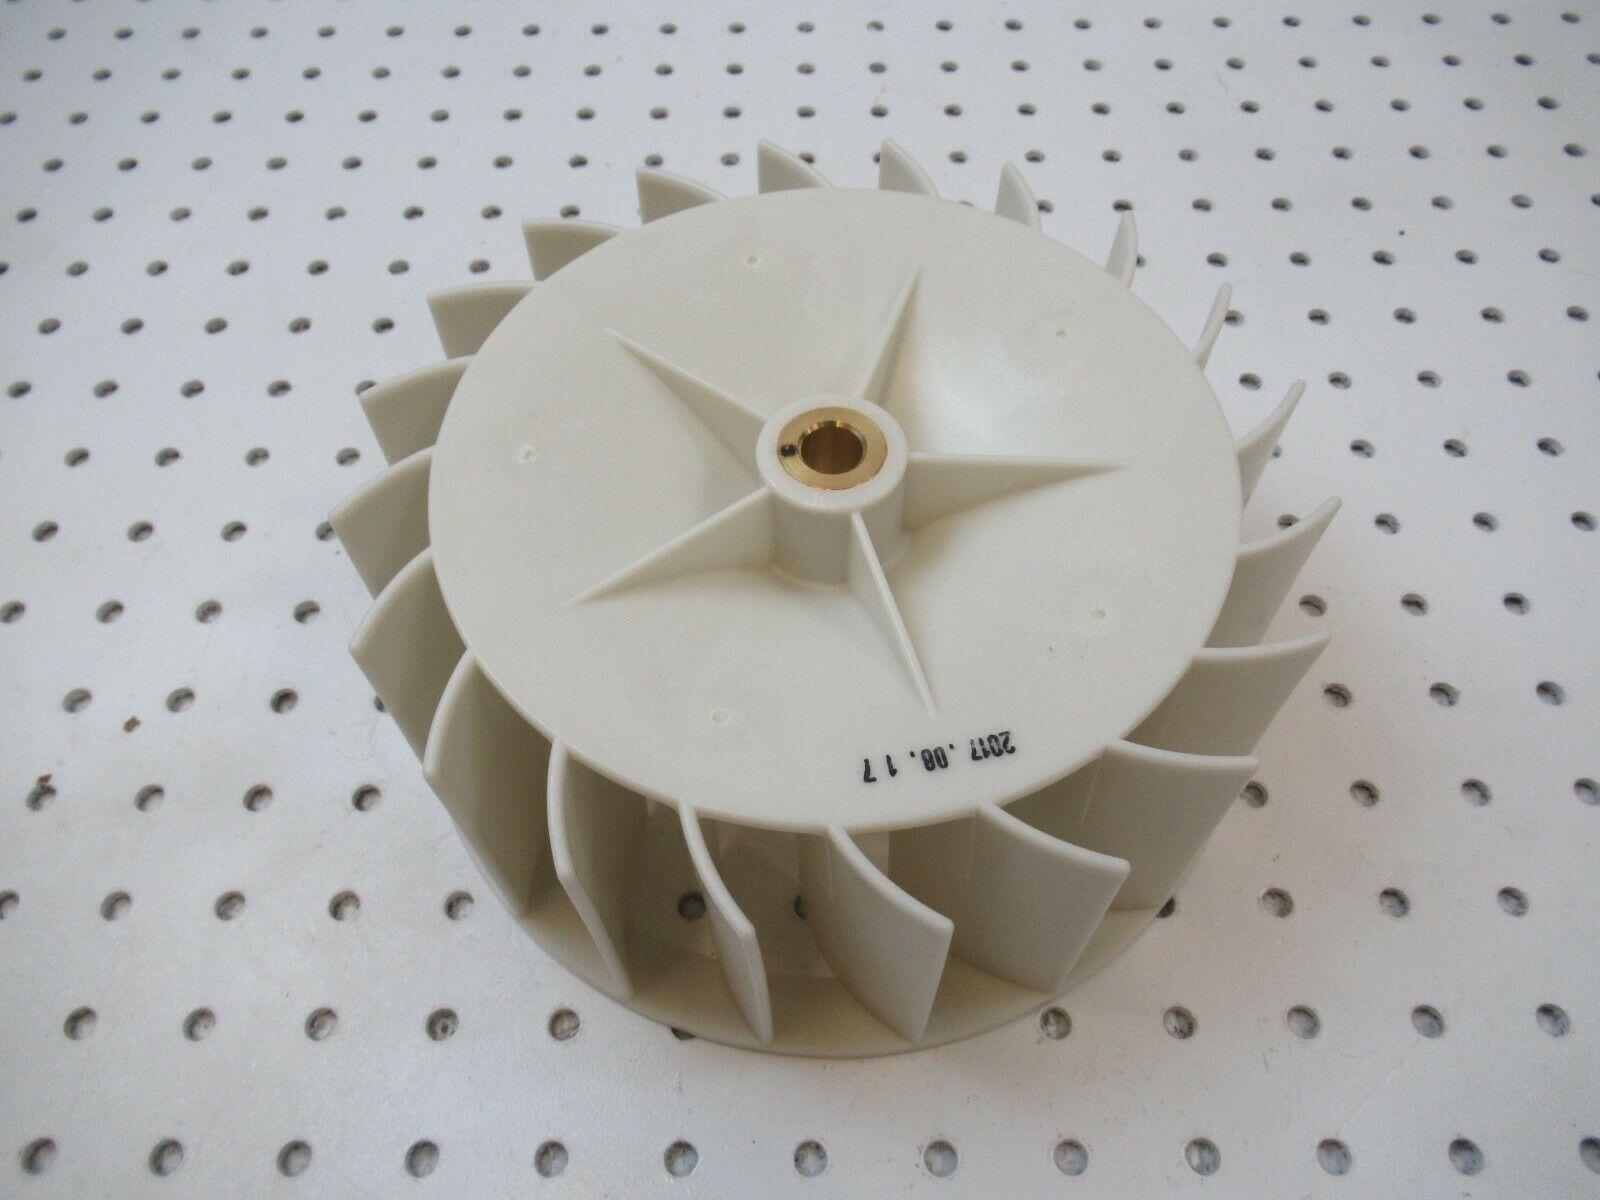 LG Kenmore Sears Dryer Blower Wheel Fan 5835EL1002A 5835EL1001A, AH352849 - $29.70